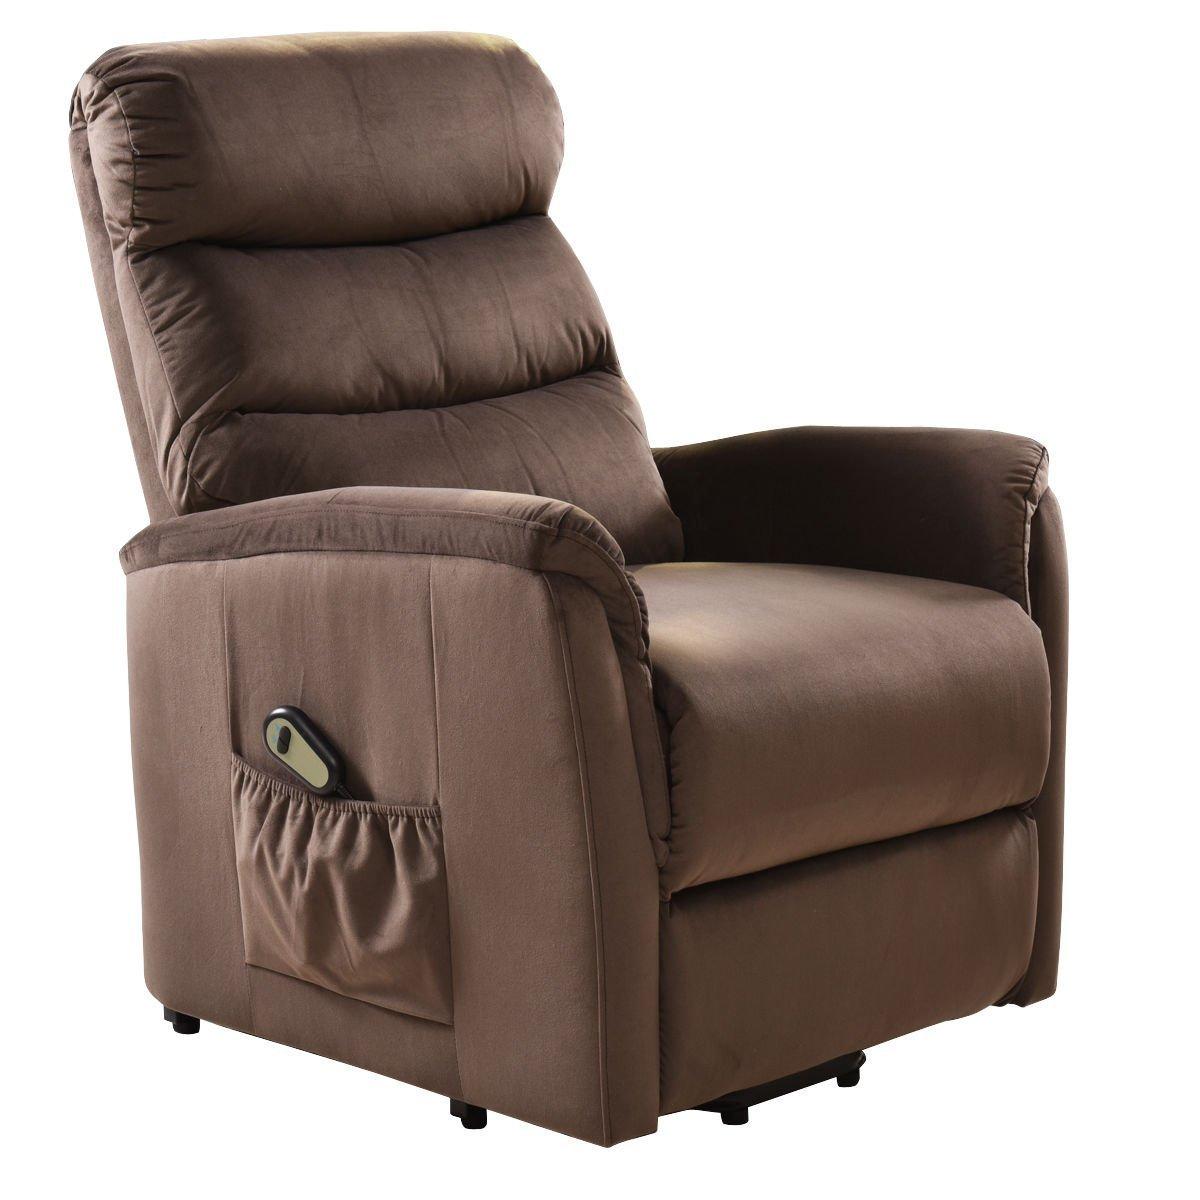 Amazon.com: Giantex Recliner Power Lift Chair Easy Comfort Recliner ...